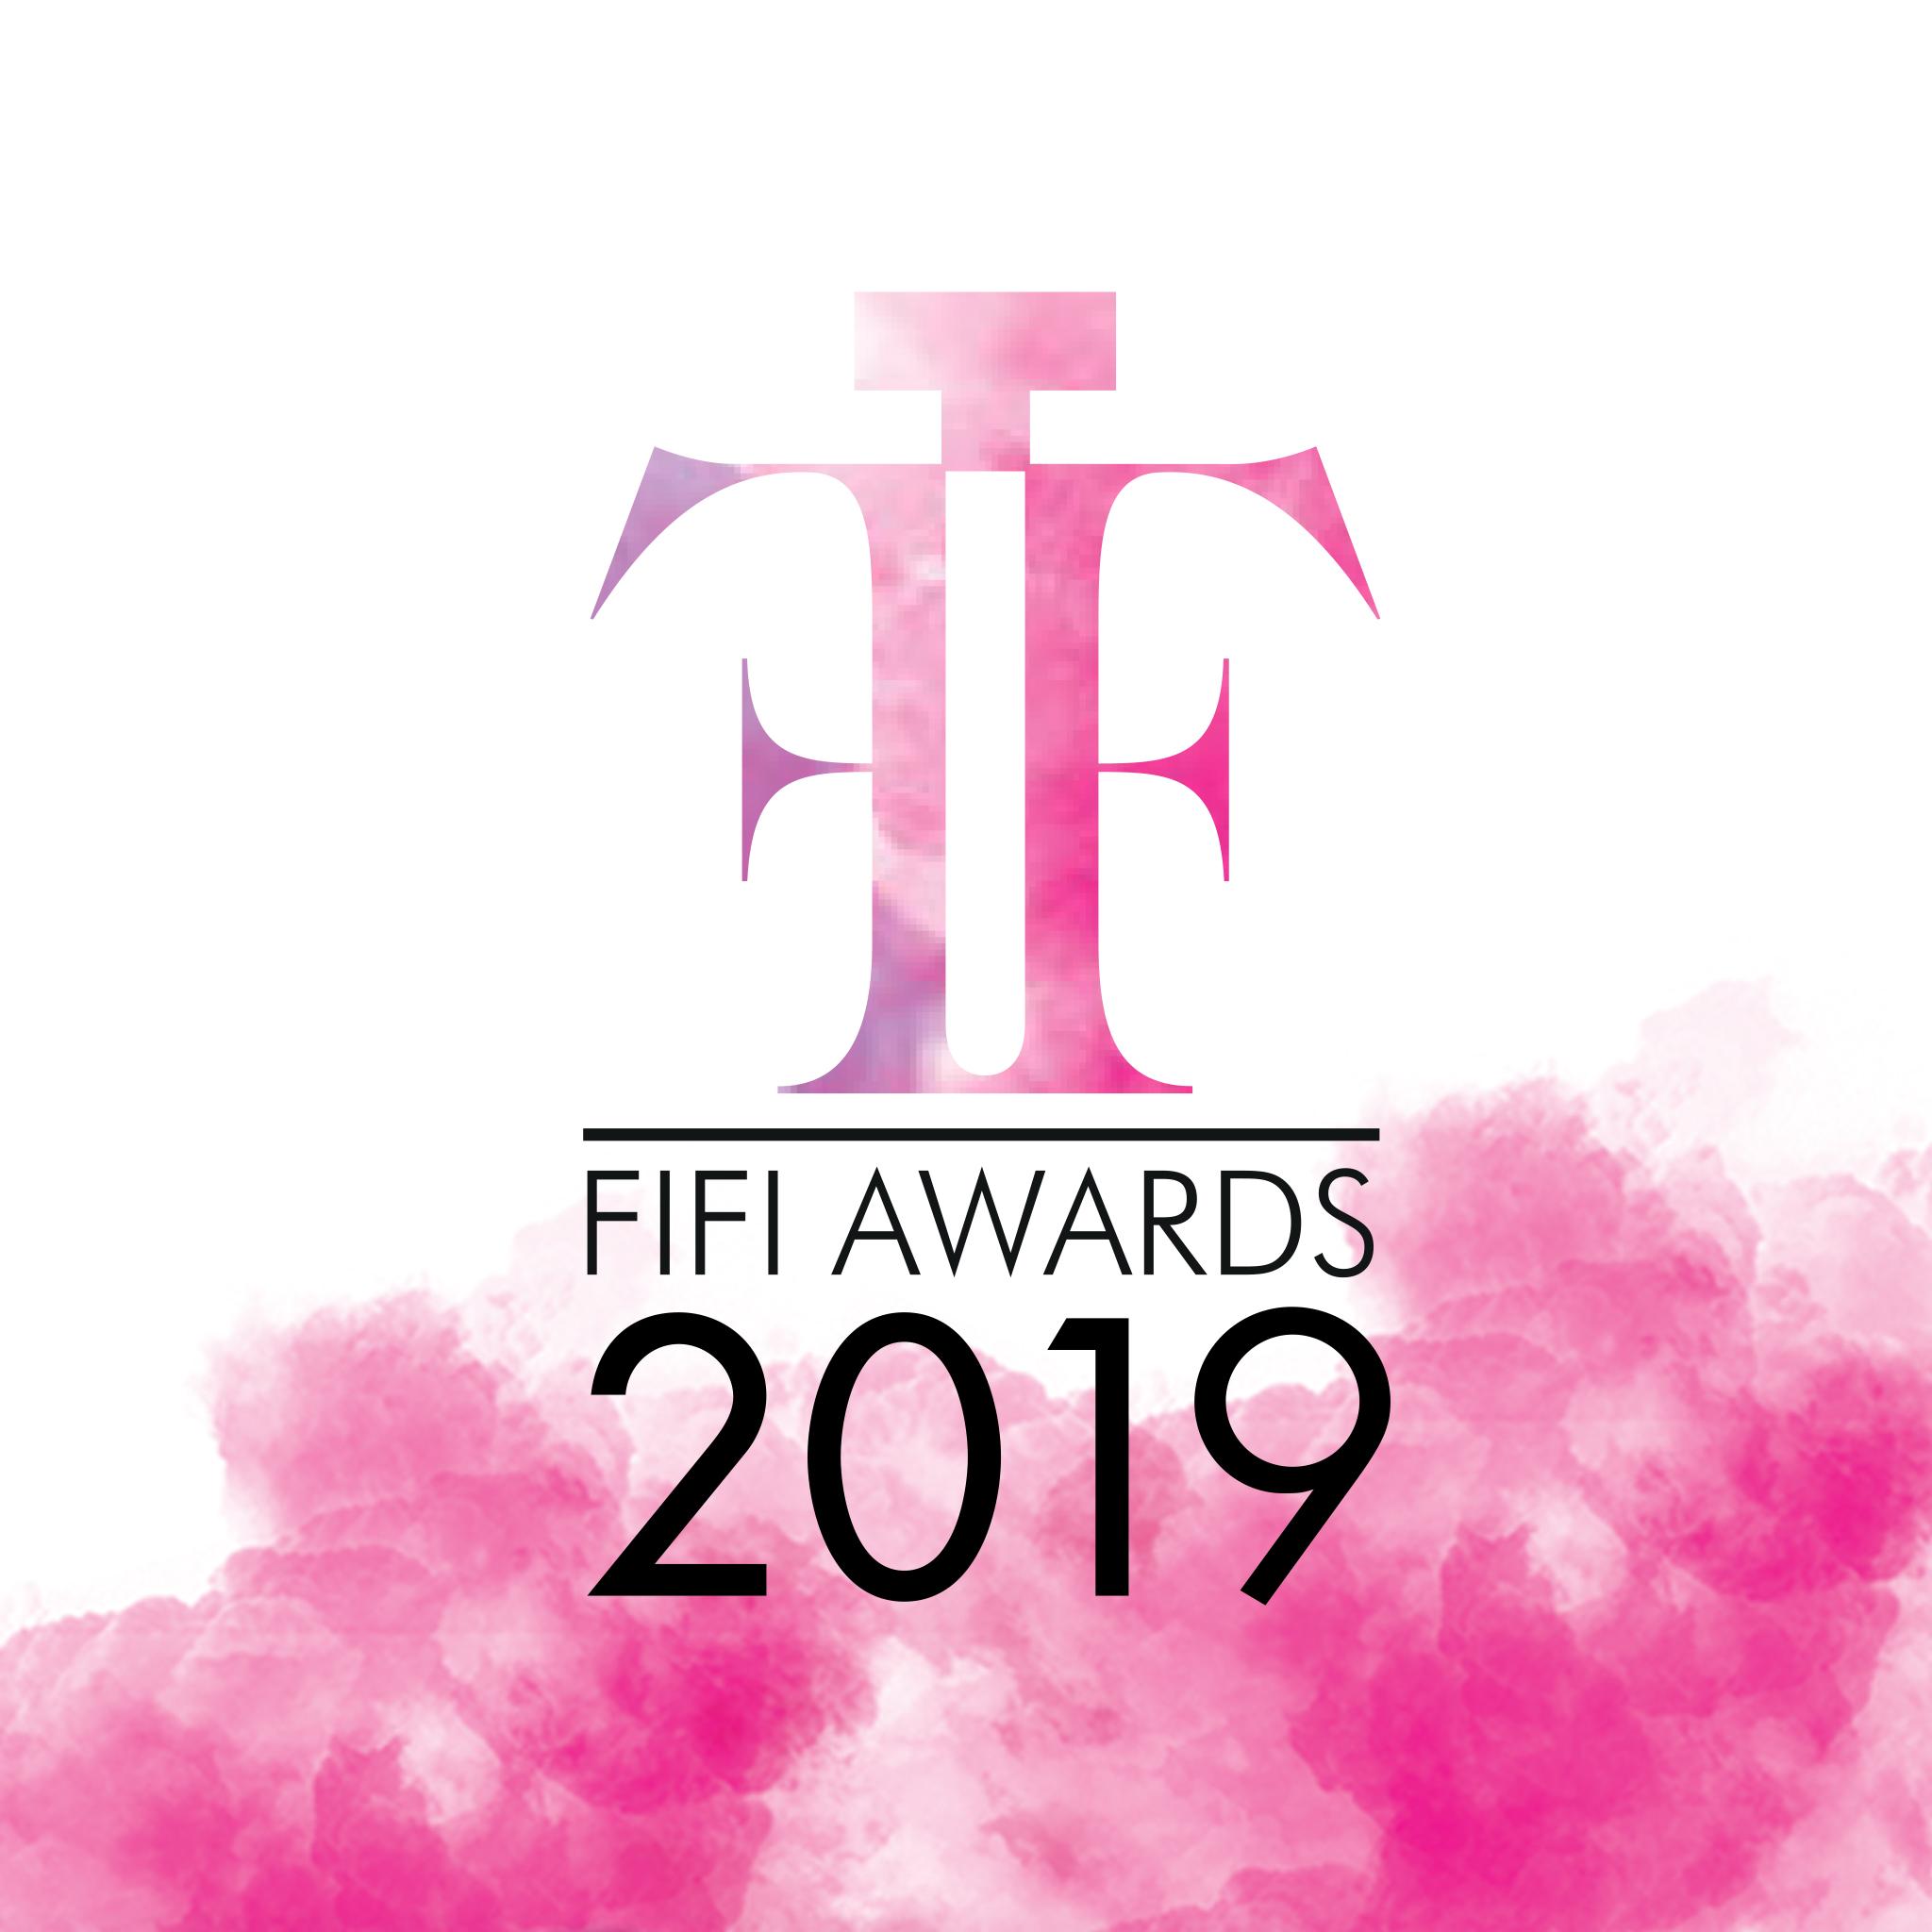 FIFI AWARDS 2019